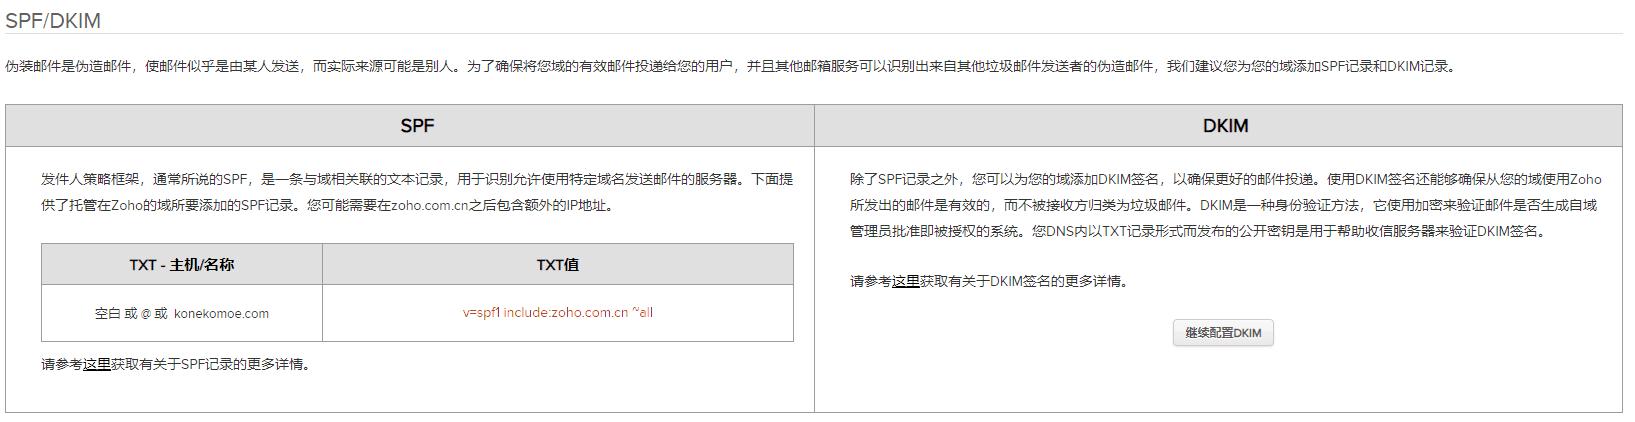 设置/域名解析